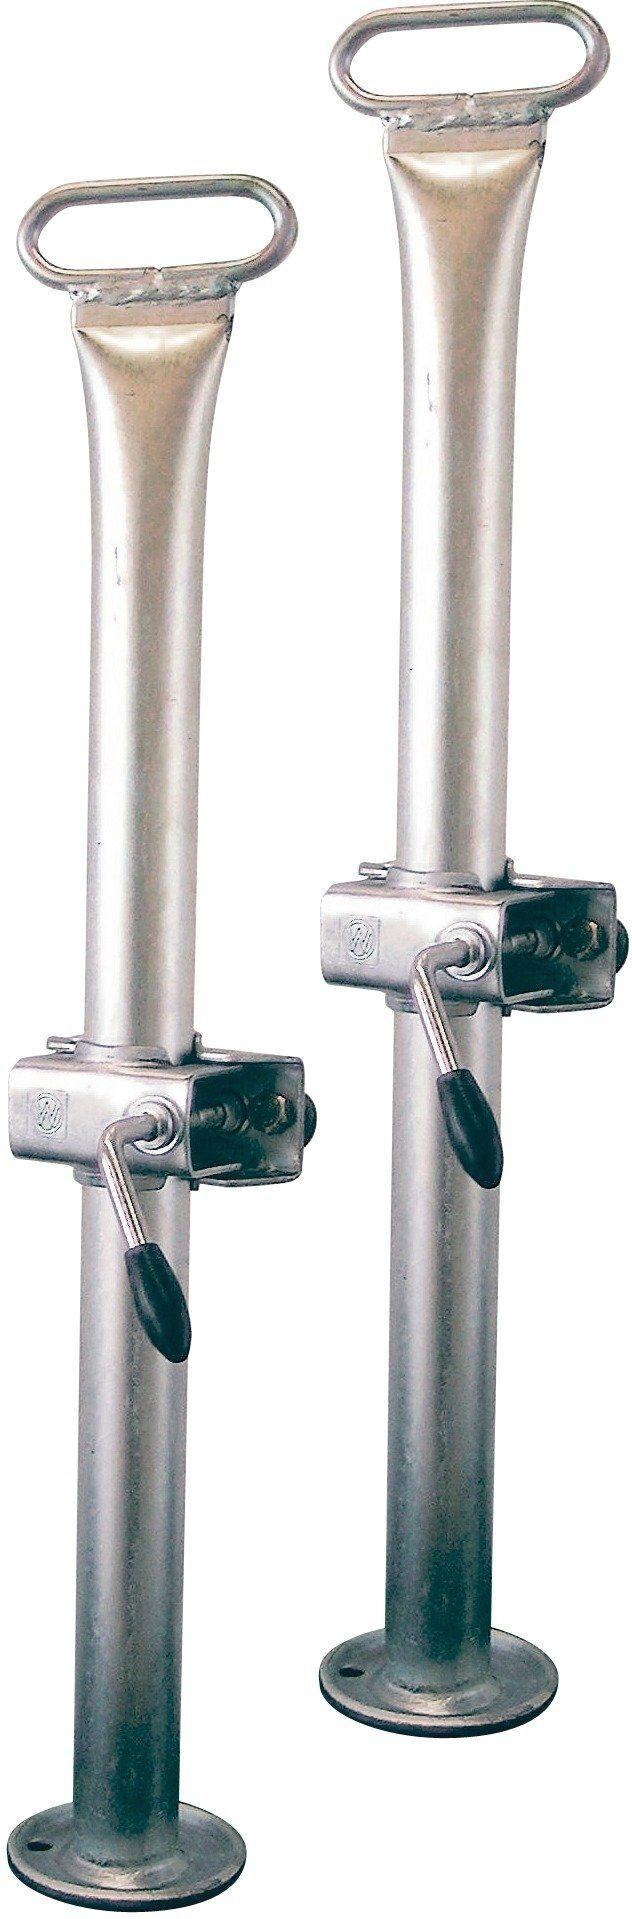 Anhänger-Abstellstütze »Abstellstützenpaar inkl. Klemmschelle und Halterung«